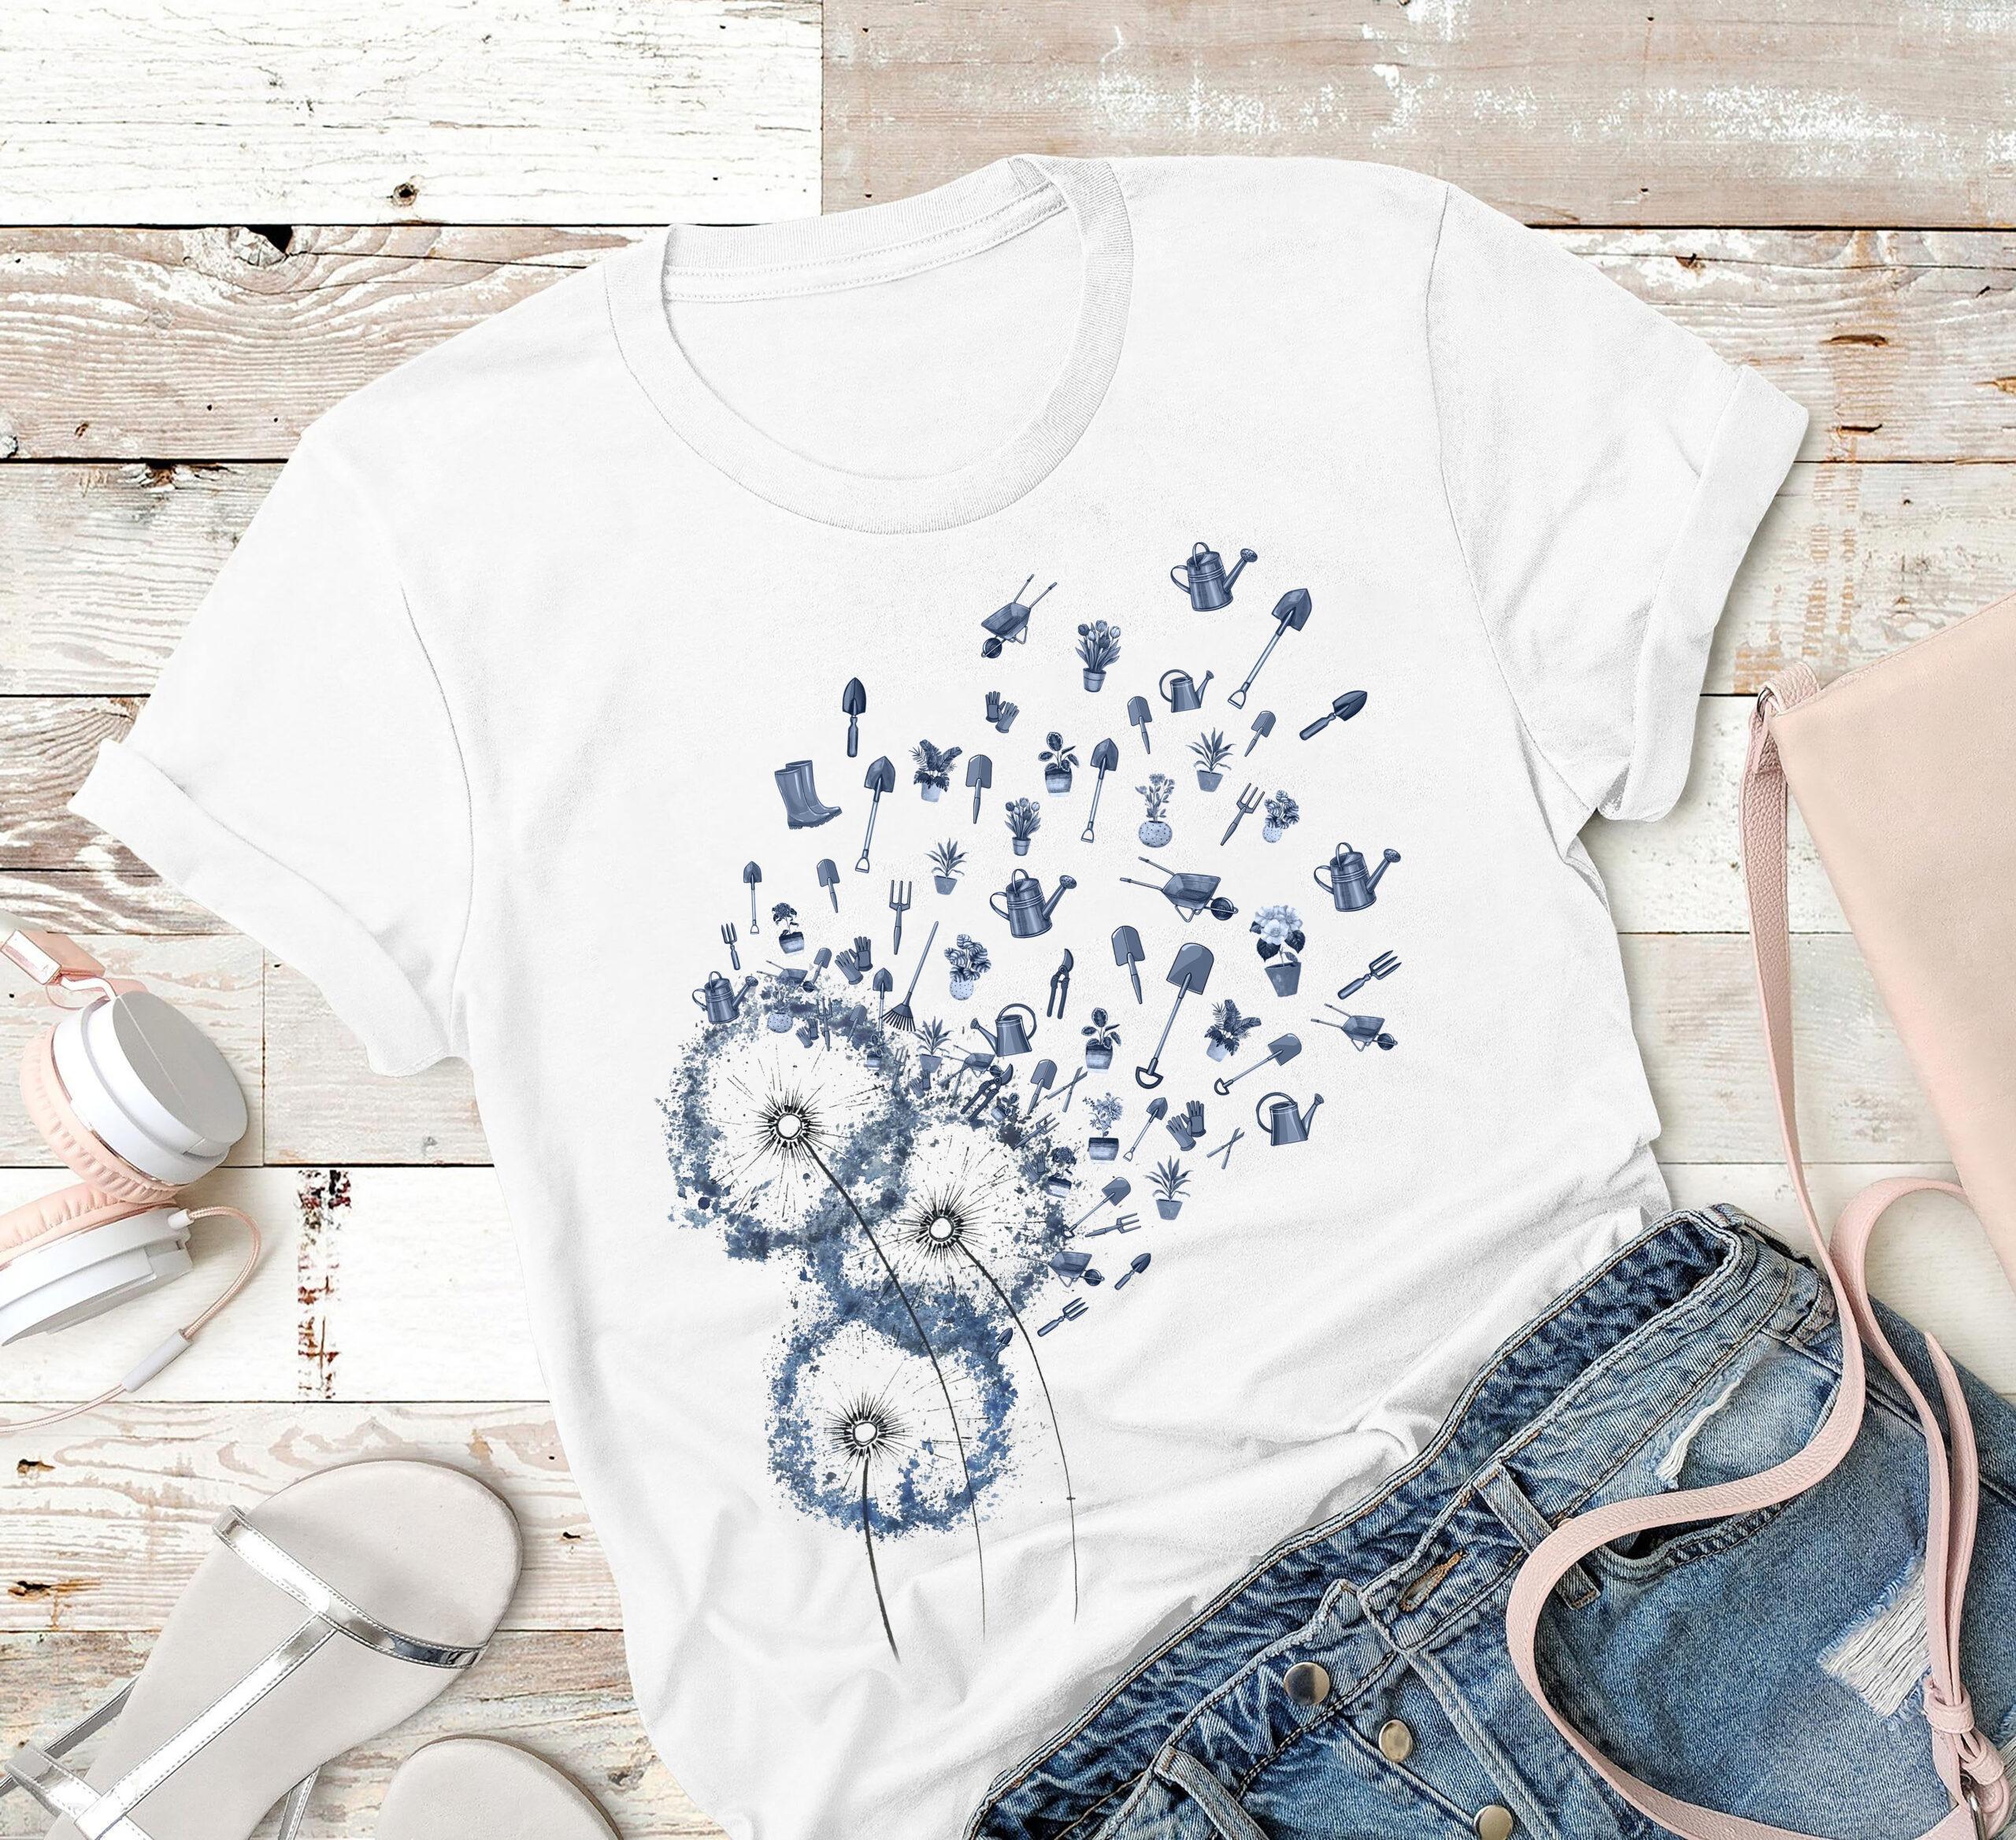 Dandelion Gardening Shirt Gardening Tools